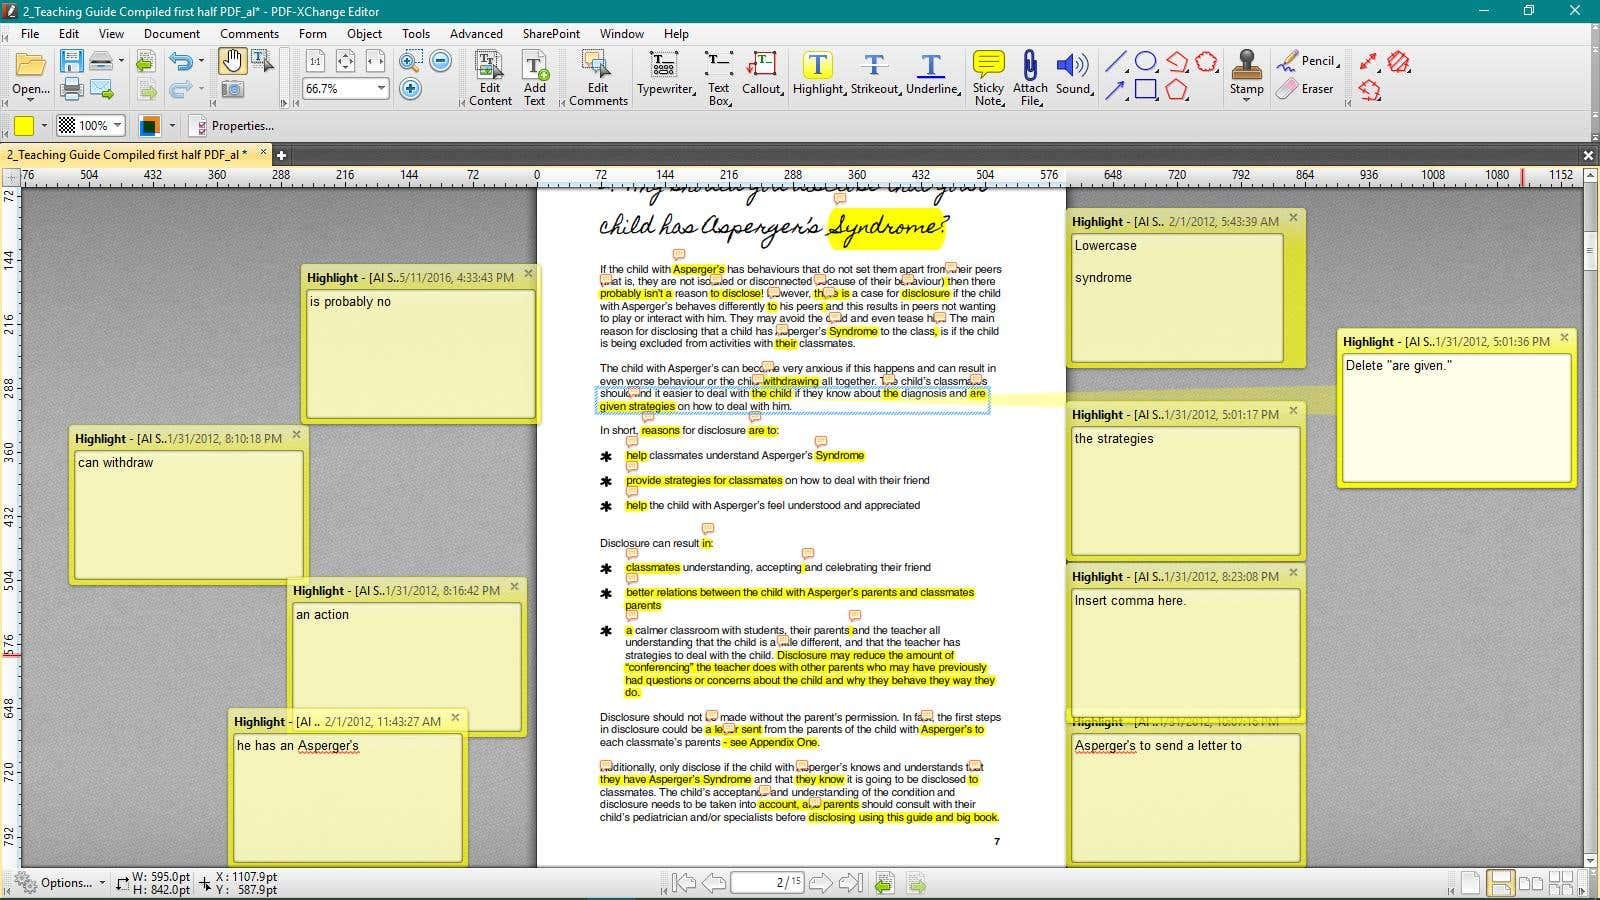 developmental profile 3 manual pdf